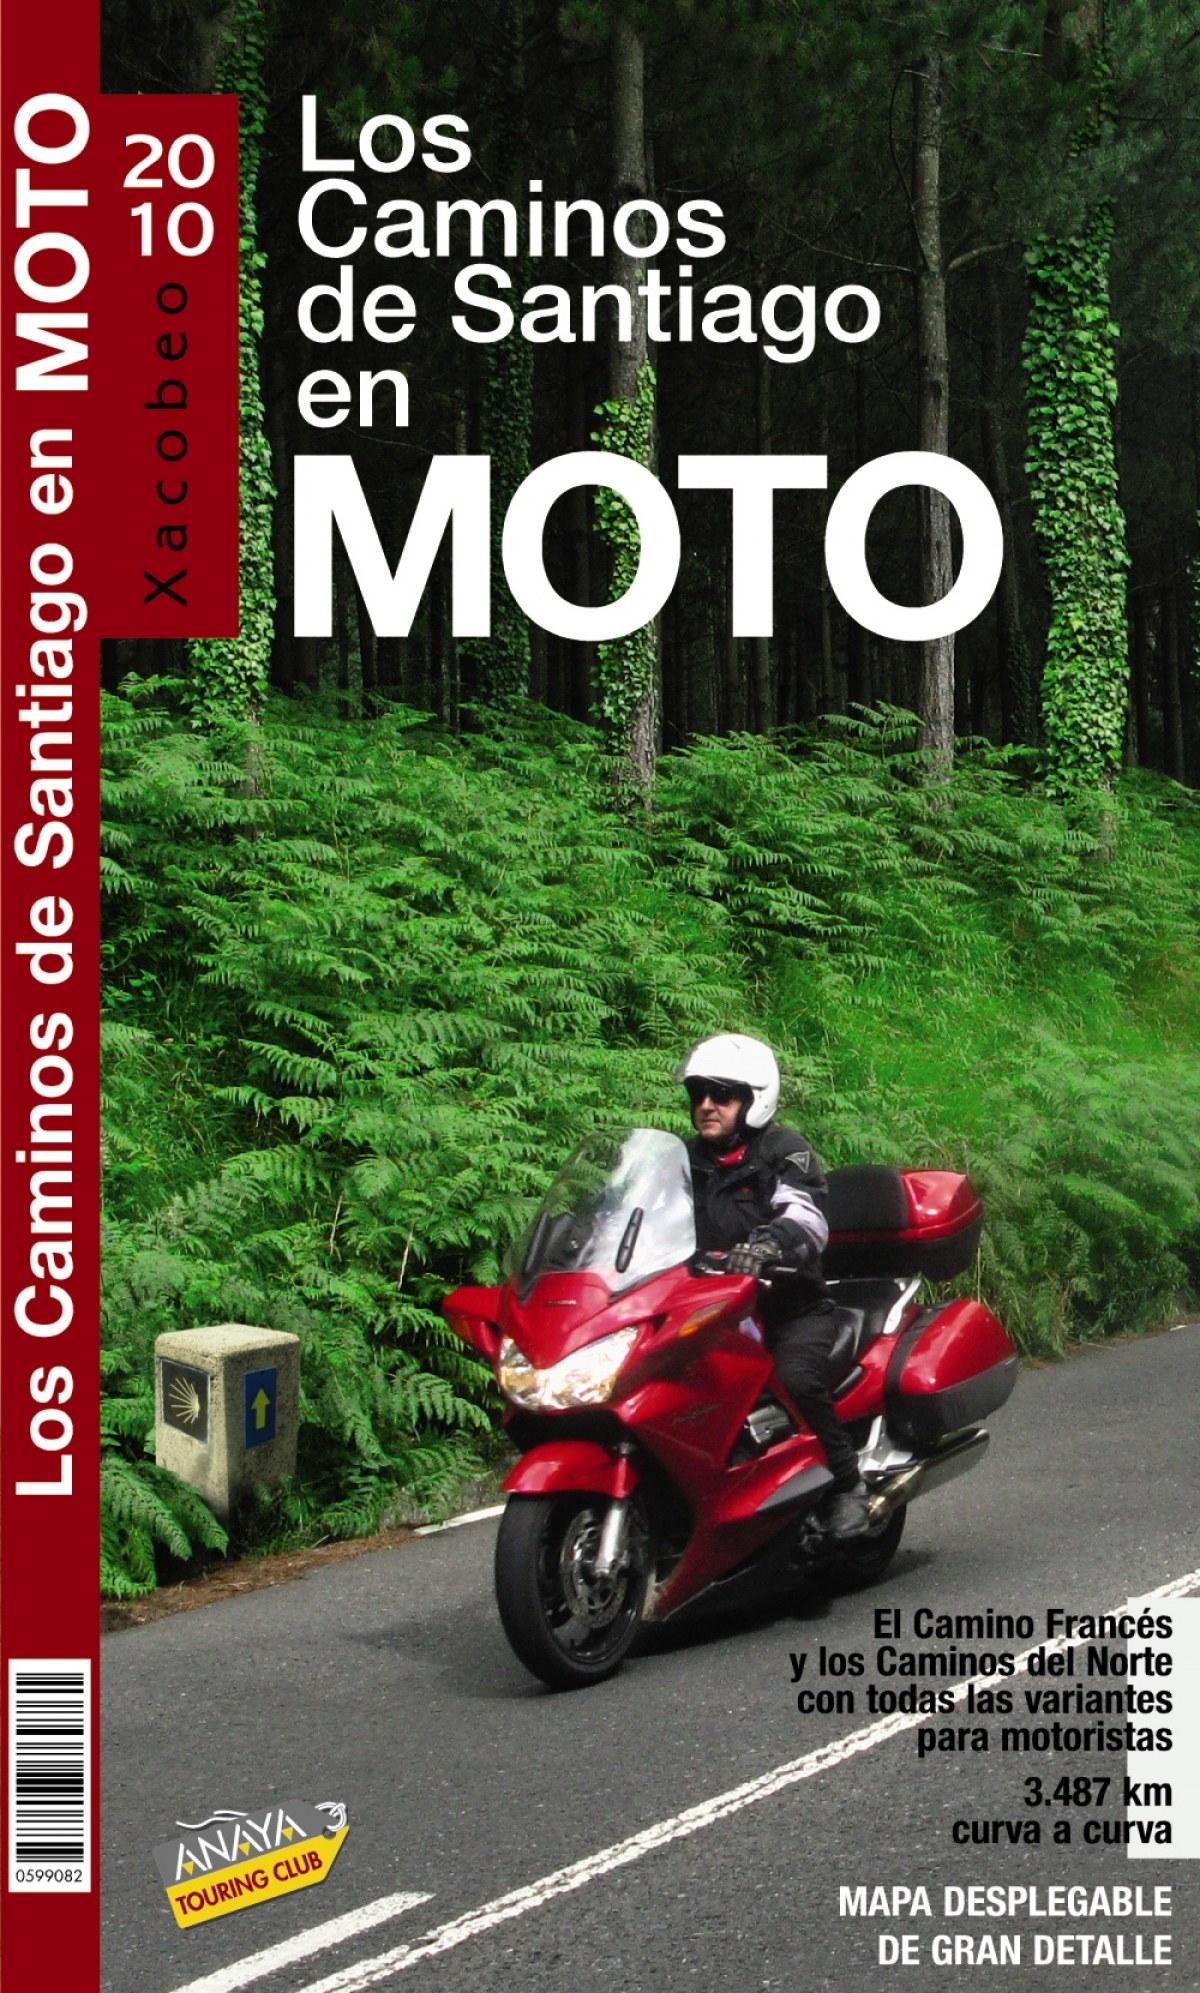 Los Caminos de Santiago en moto